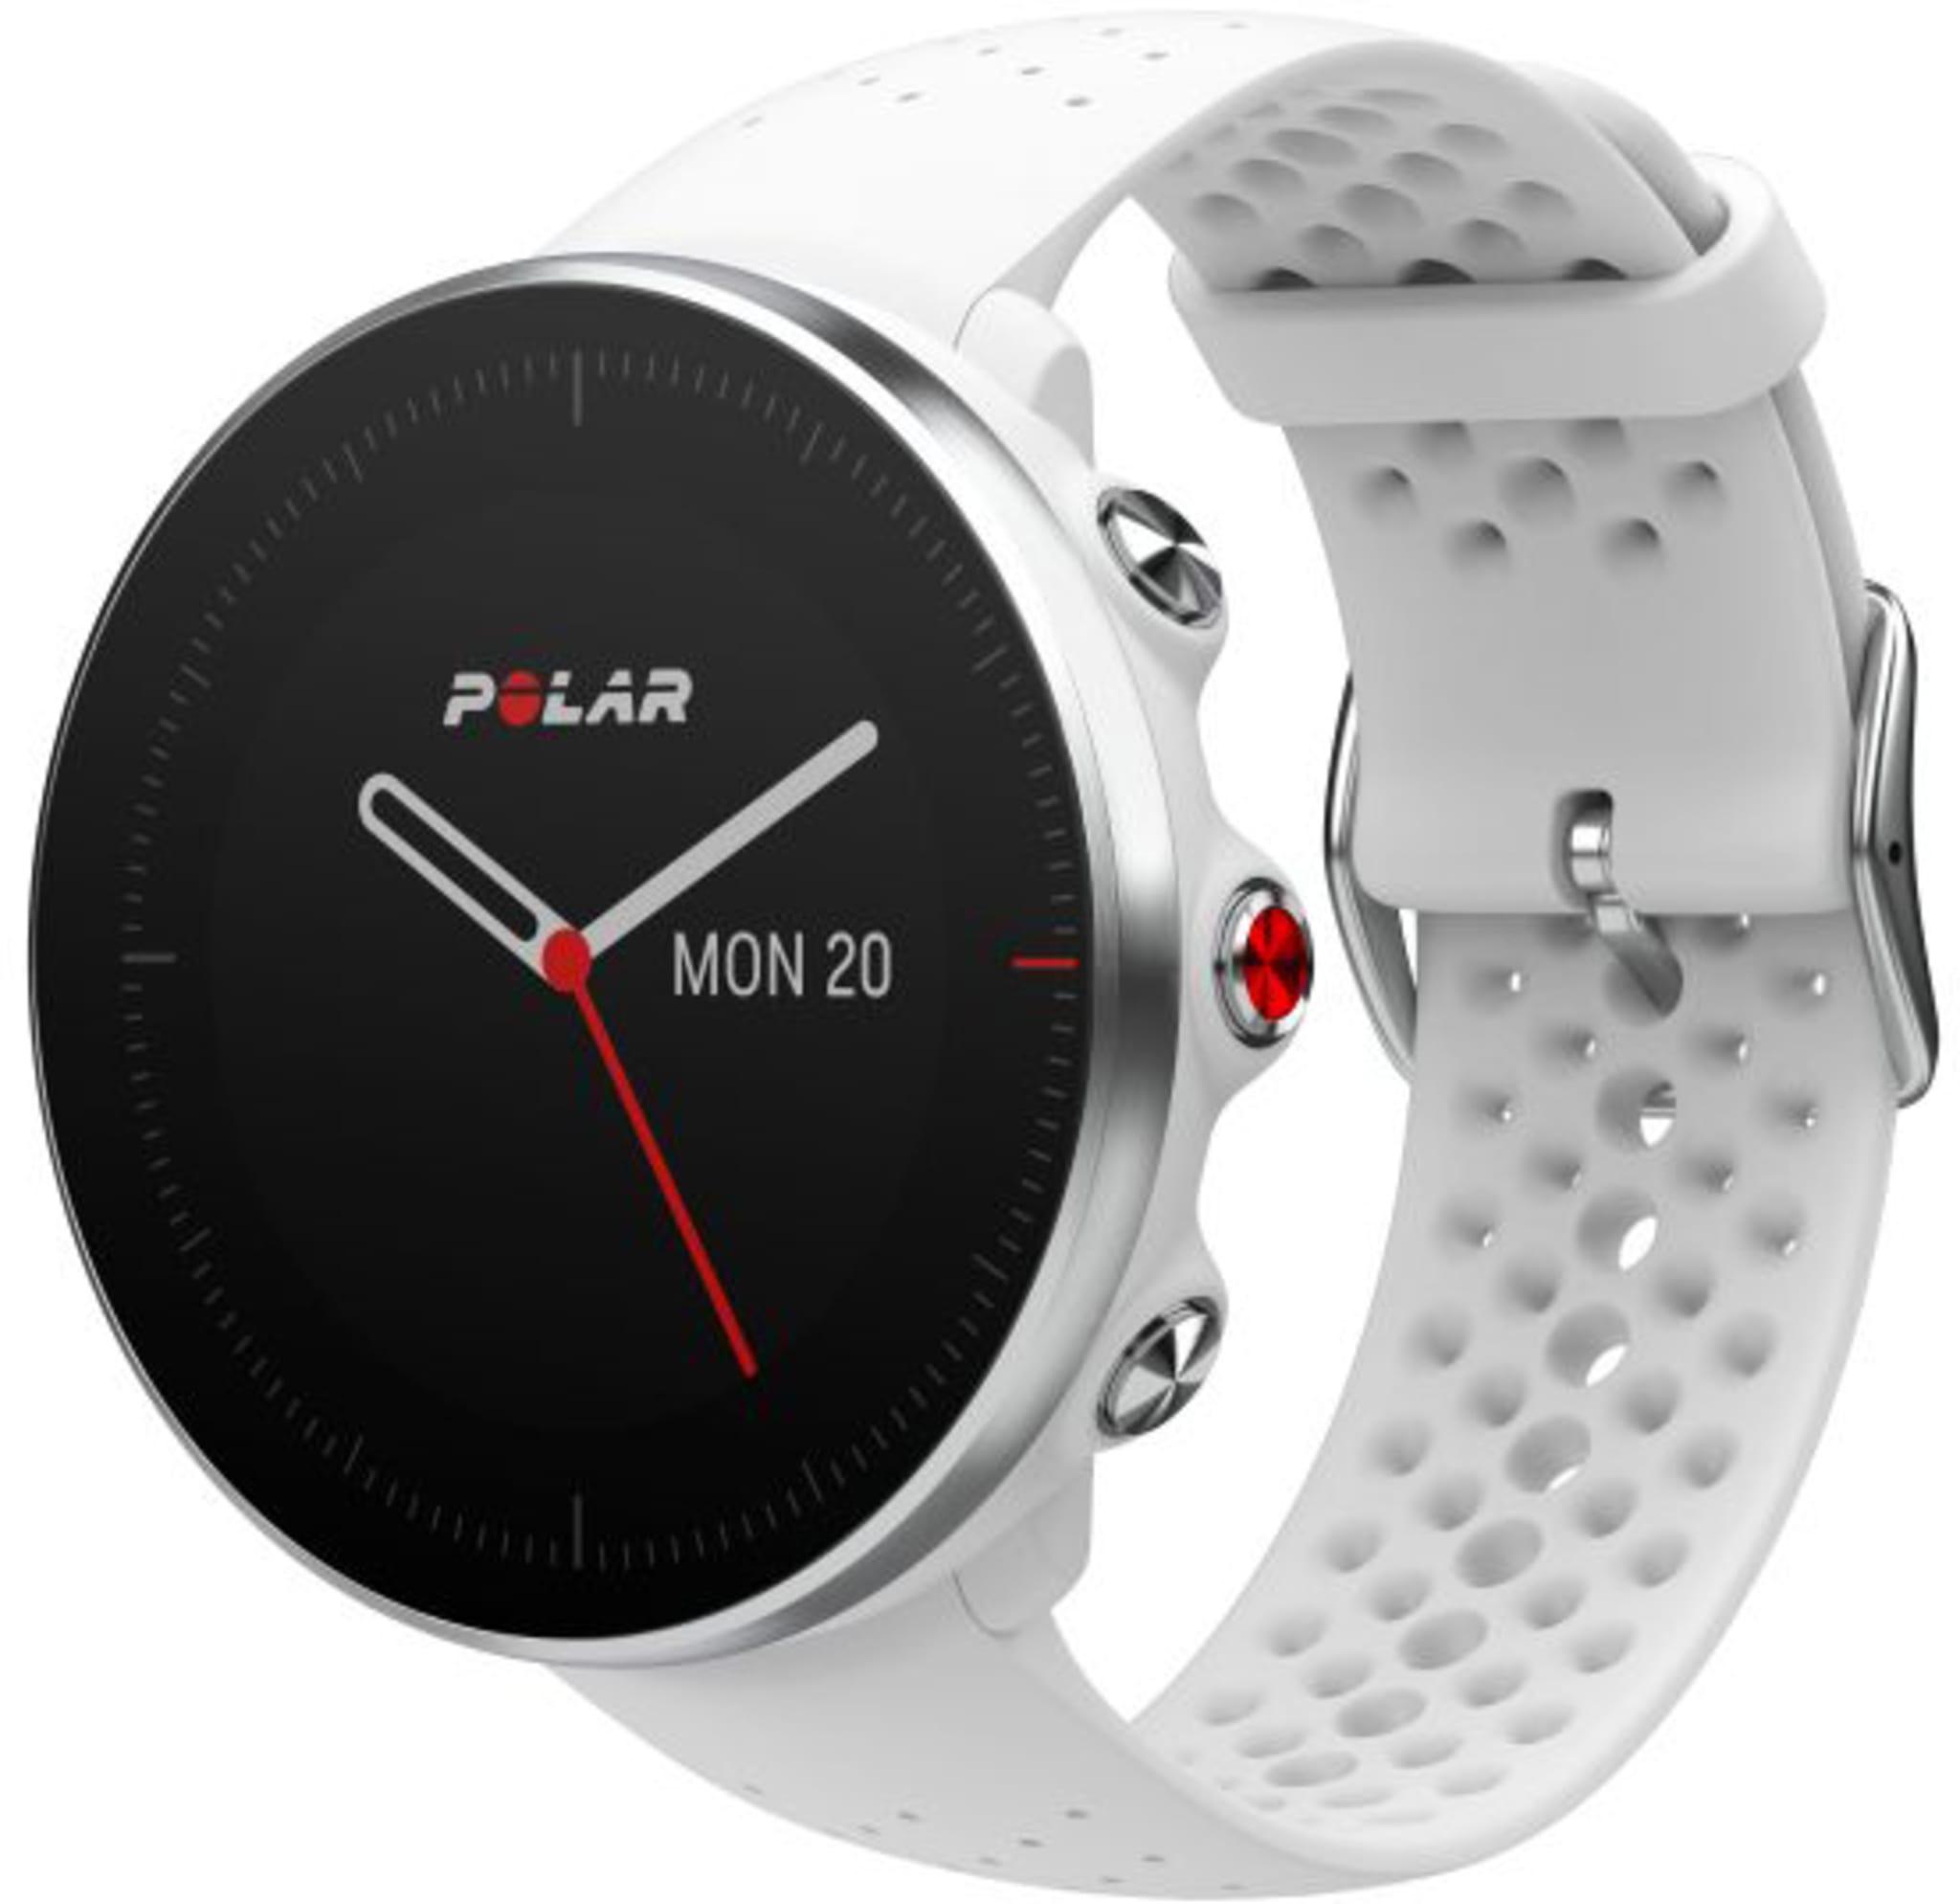 Avansert klokke for løping og multisport med GPS og puls på håndleddet